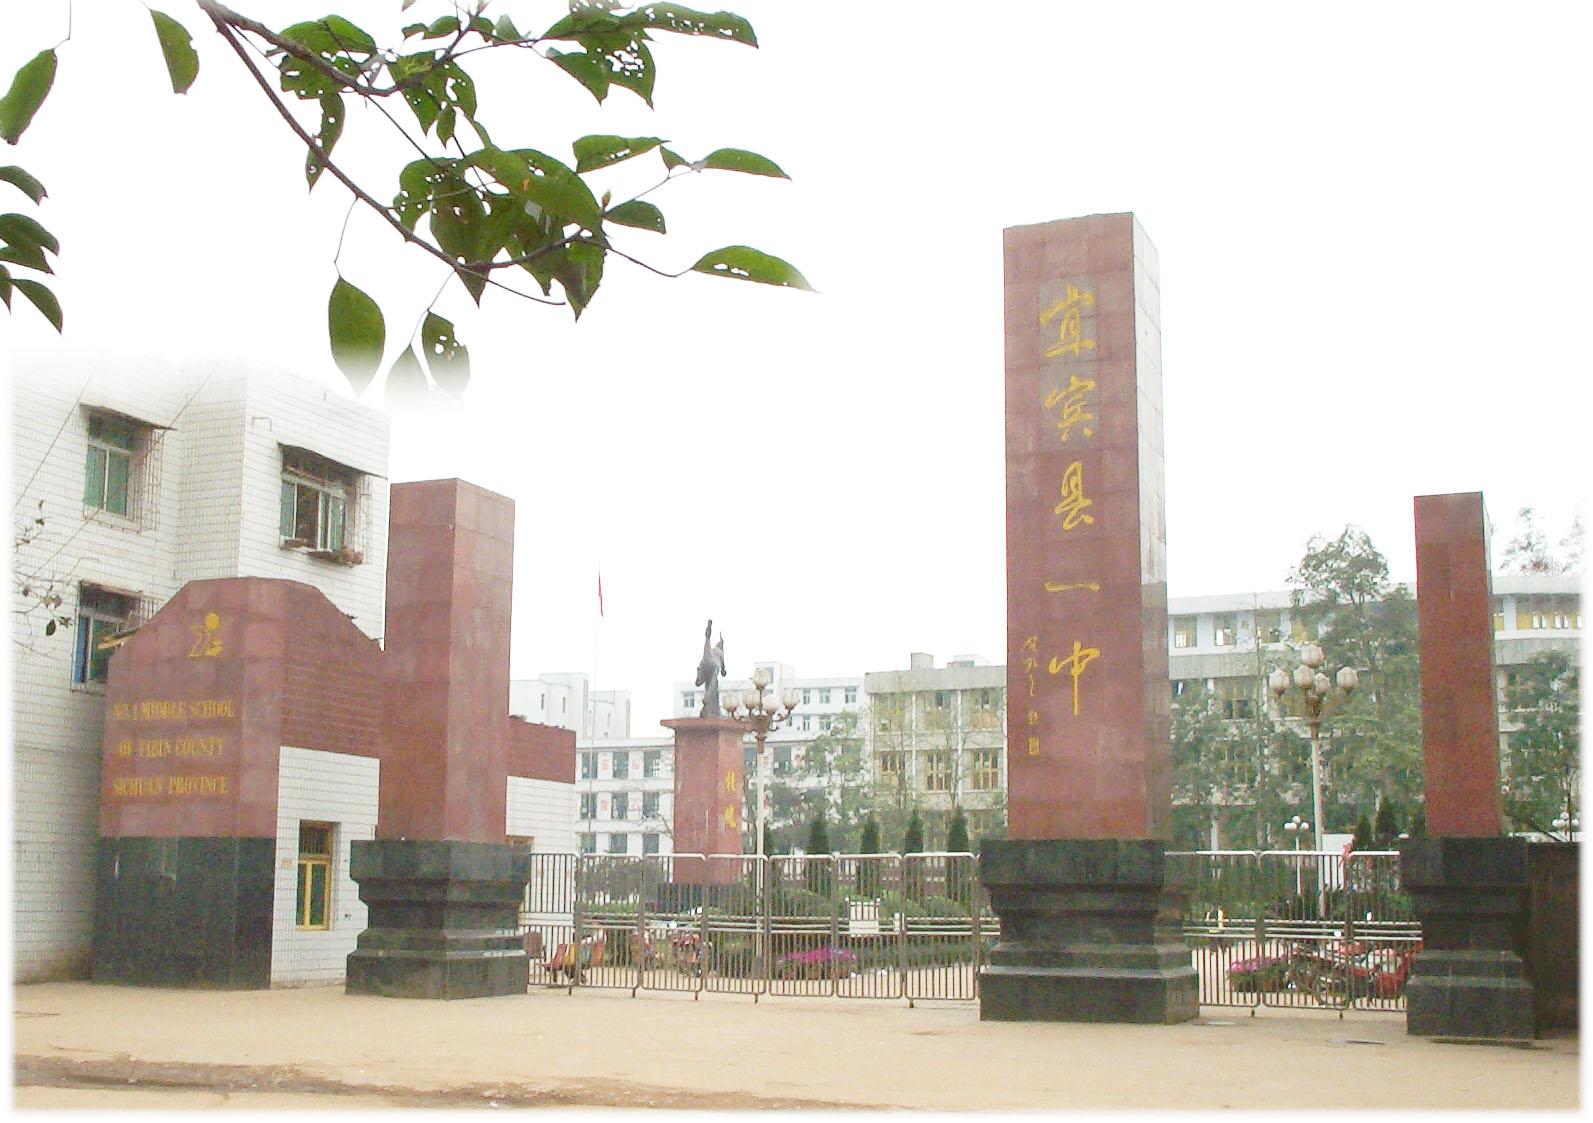 四川省宜宾县第一中学校四川省宜宾县第一中学校校园环境